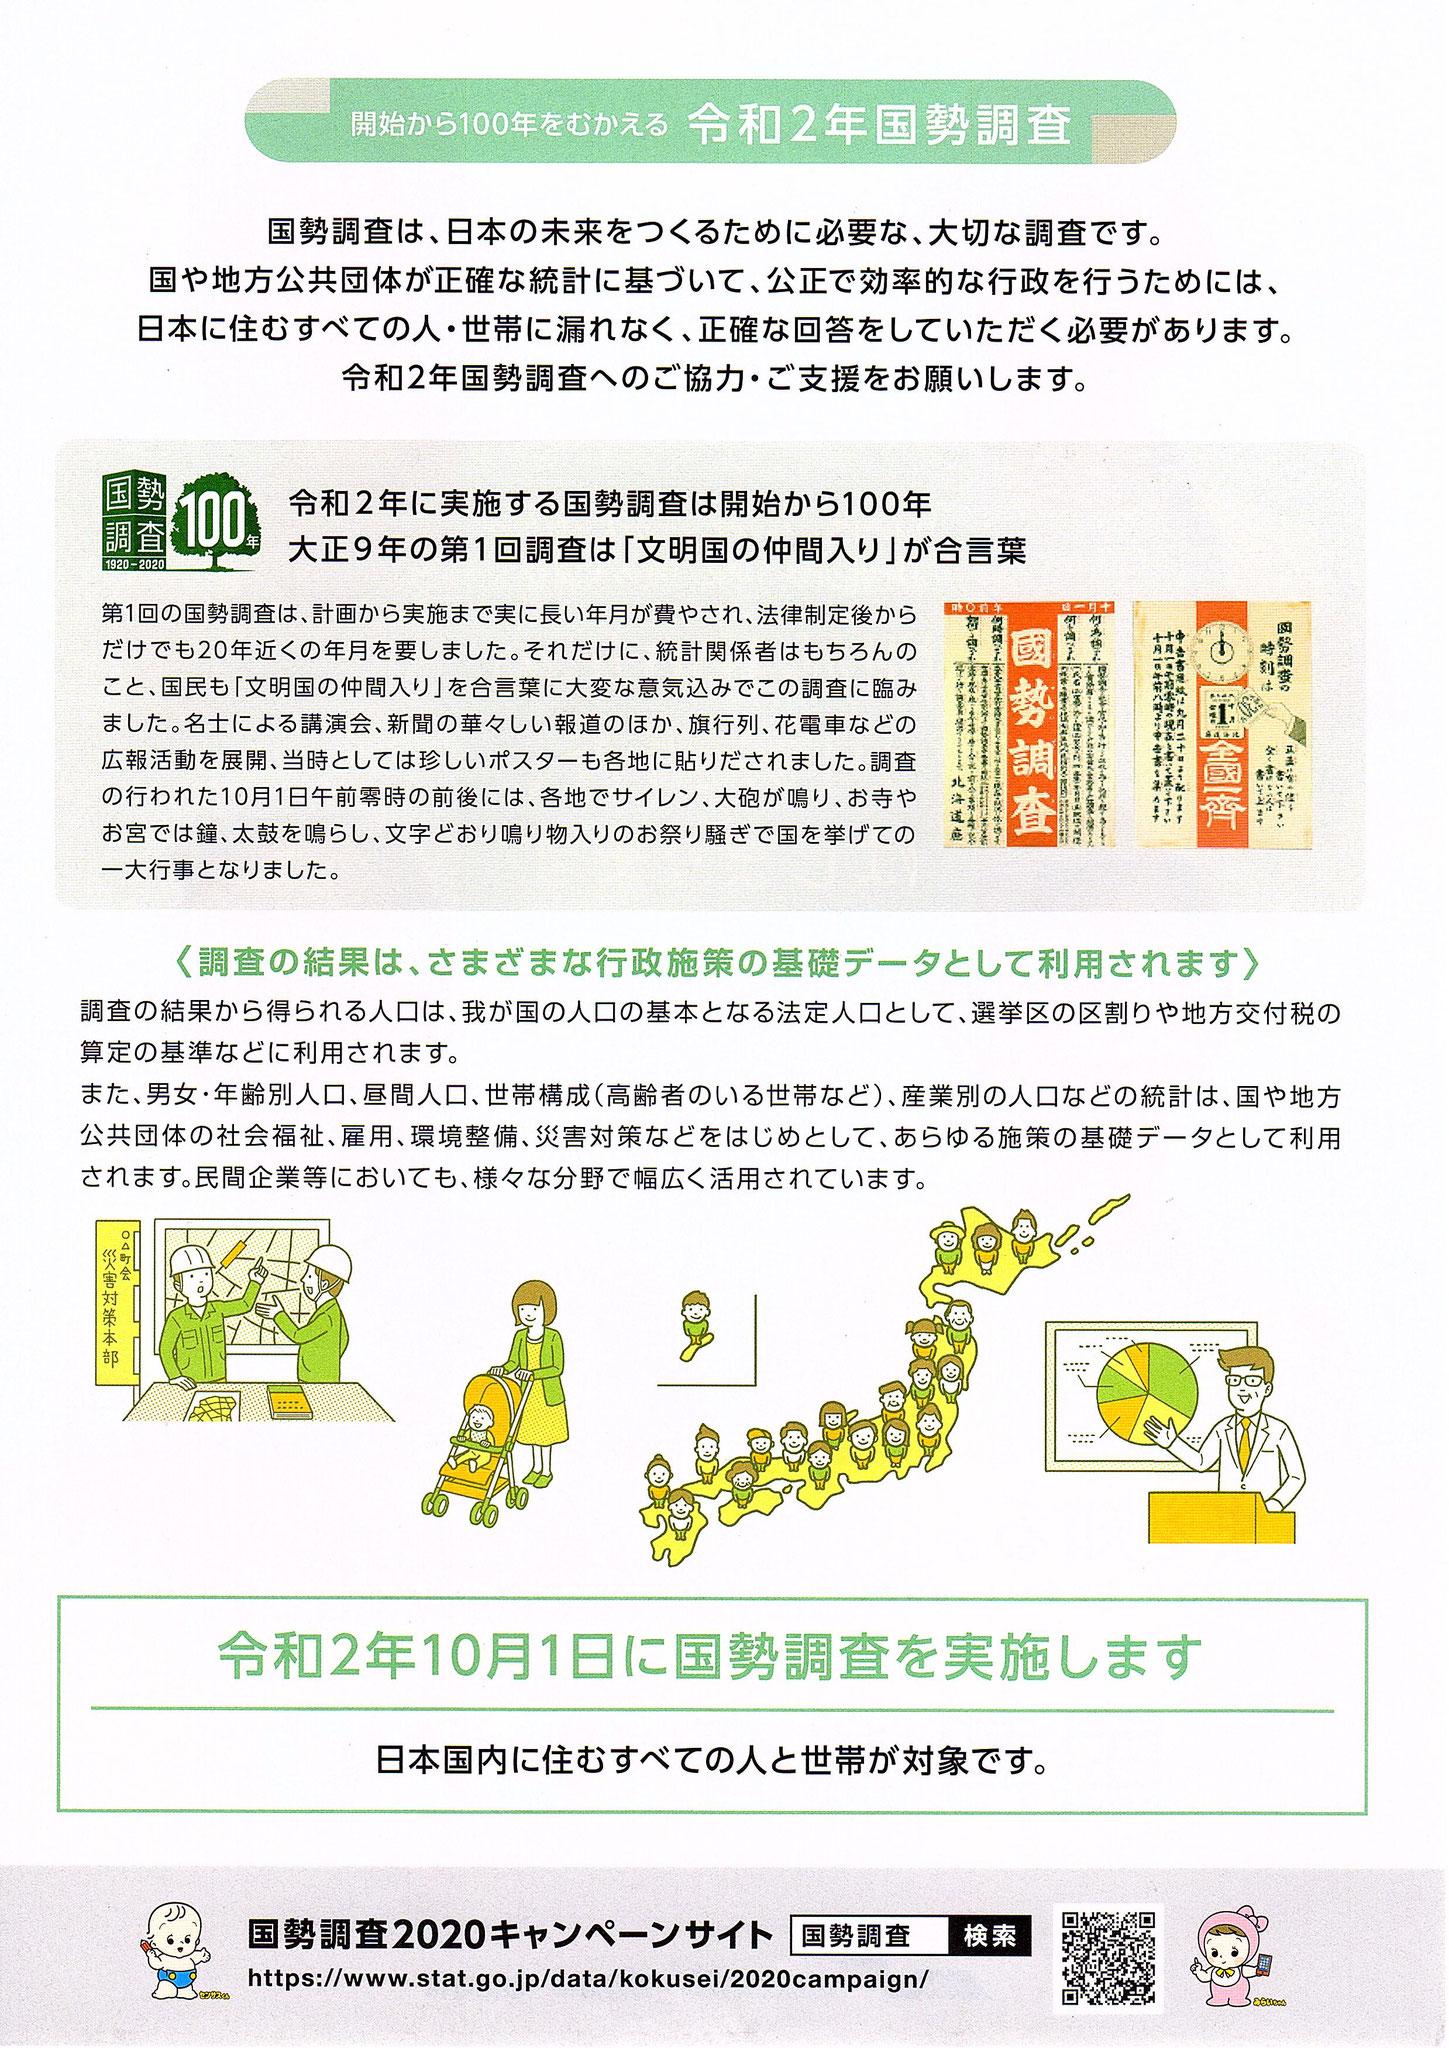 令和2年10月1日に国勢調査を実施します